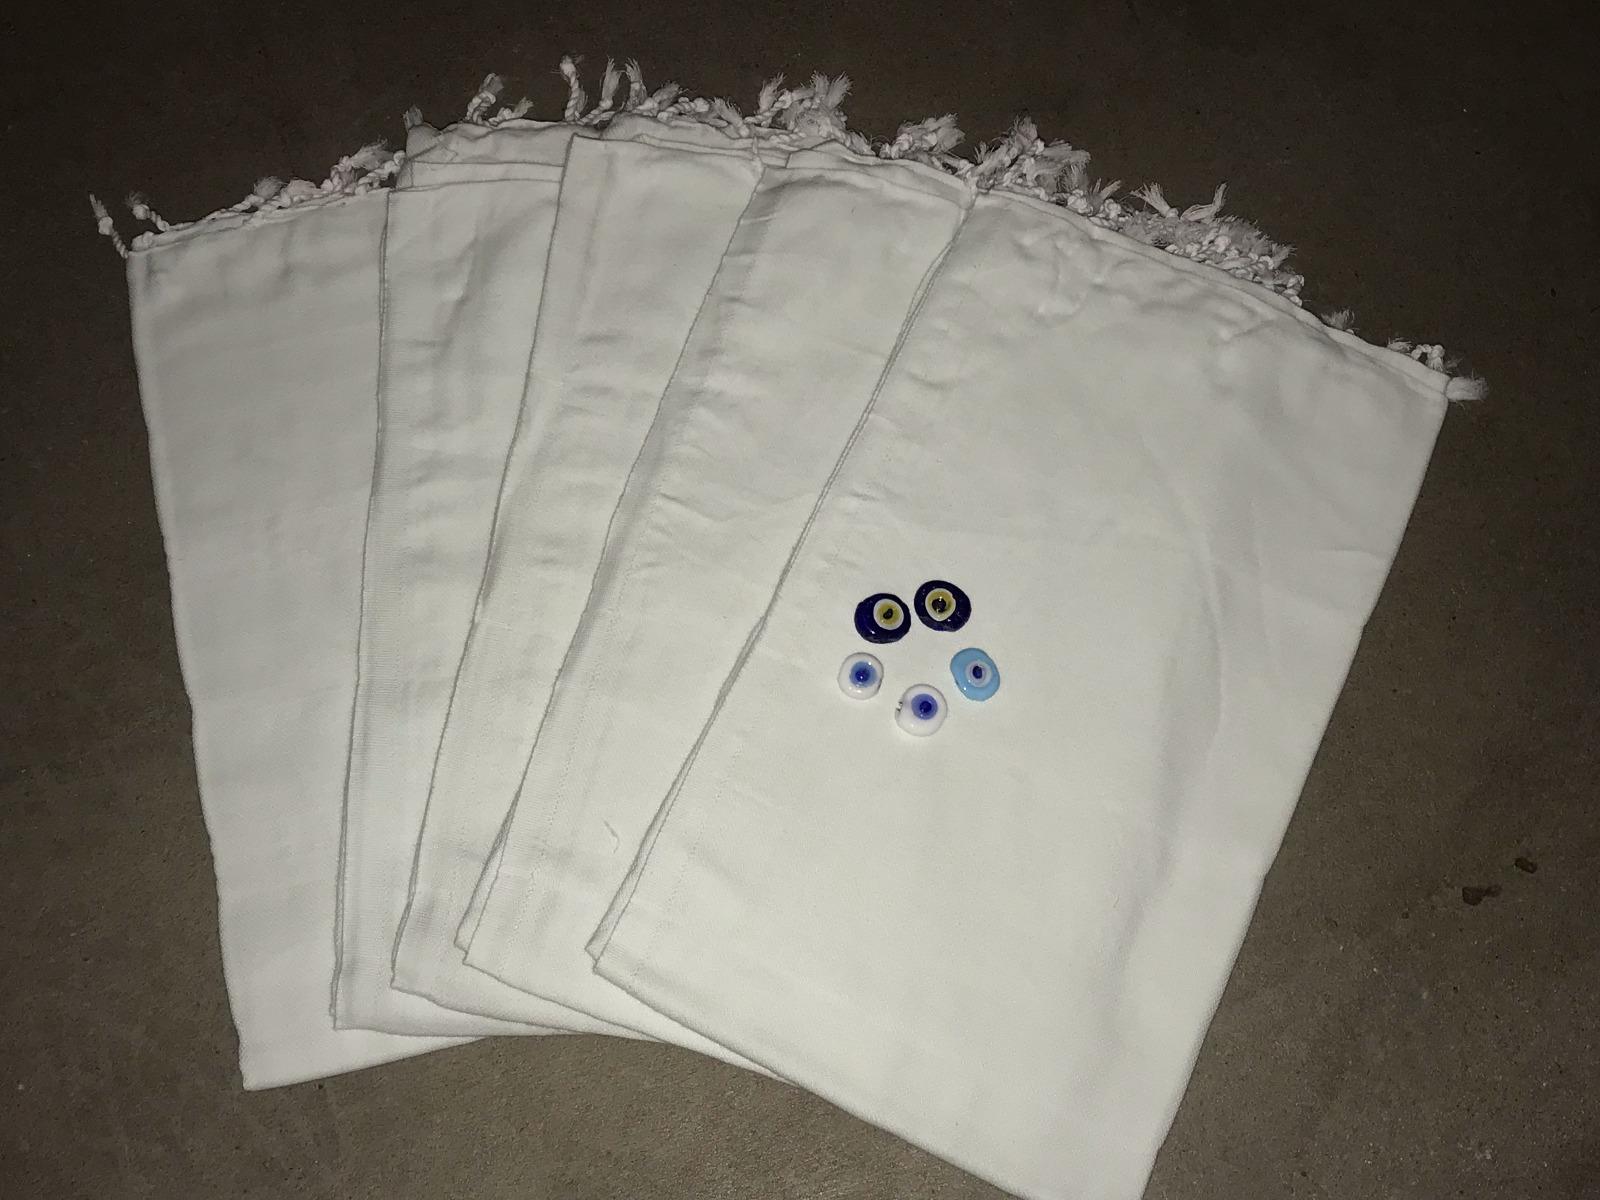 SINTERKLAAS aanbieding: 5 stuks lichtgroene hamamdoek,100% katoen 100cm x 180cm  Met 5x blauw oog